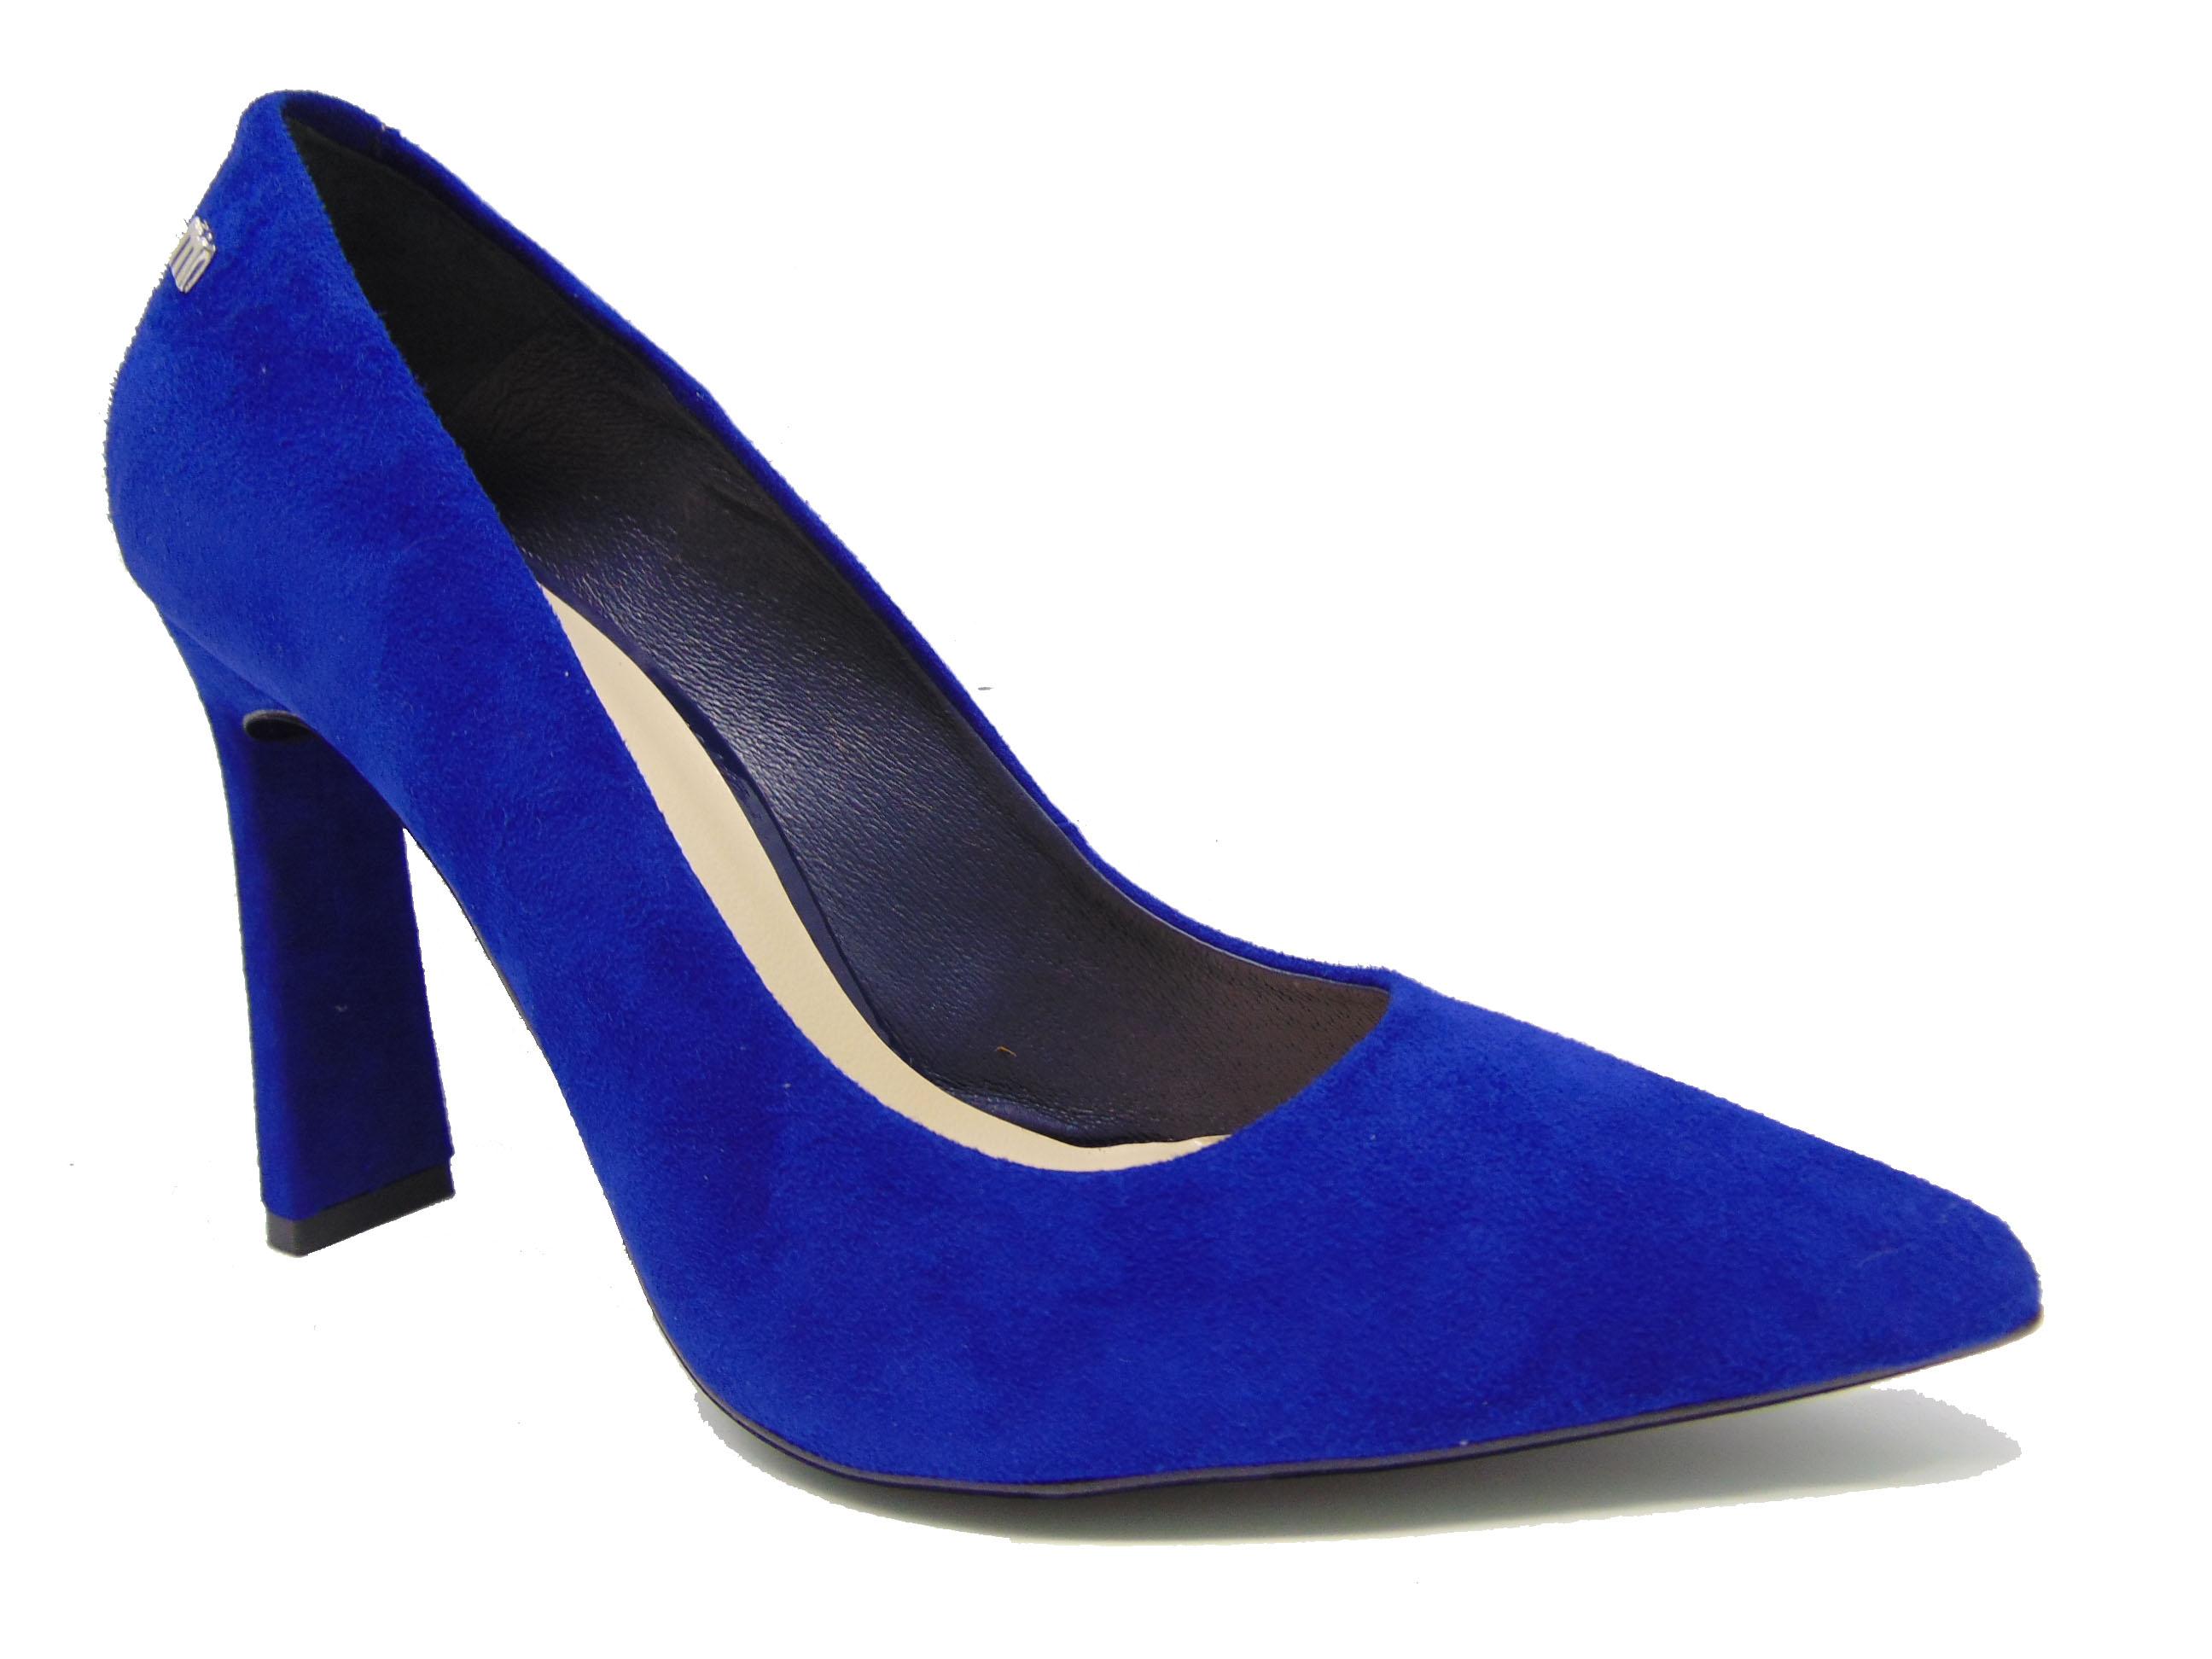 Czółenka Maccioni 594 niebieskie/szafirowe